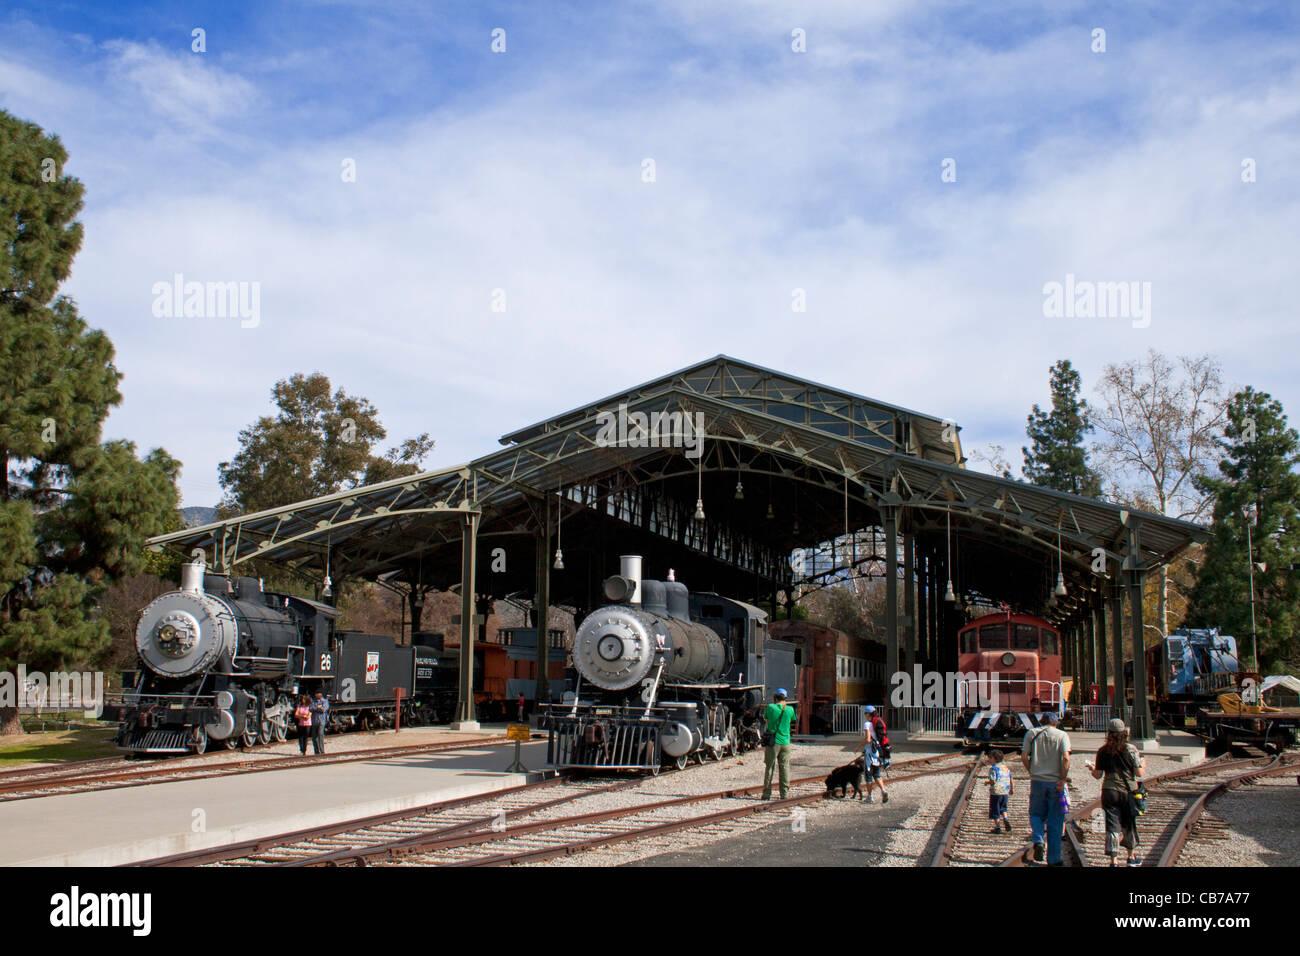 Ville de voyage, Griffith Park, Los Angeles, Californie, USA Banque D'Images